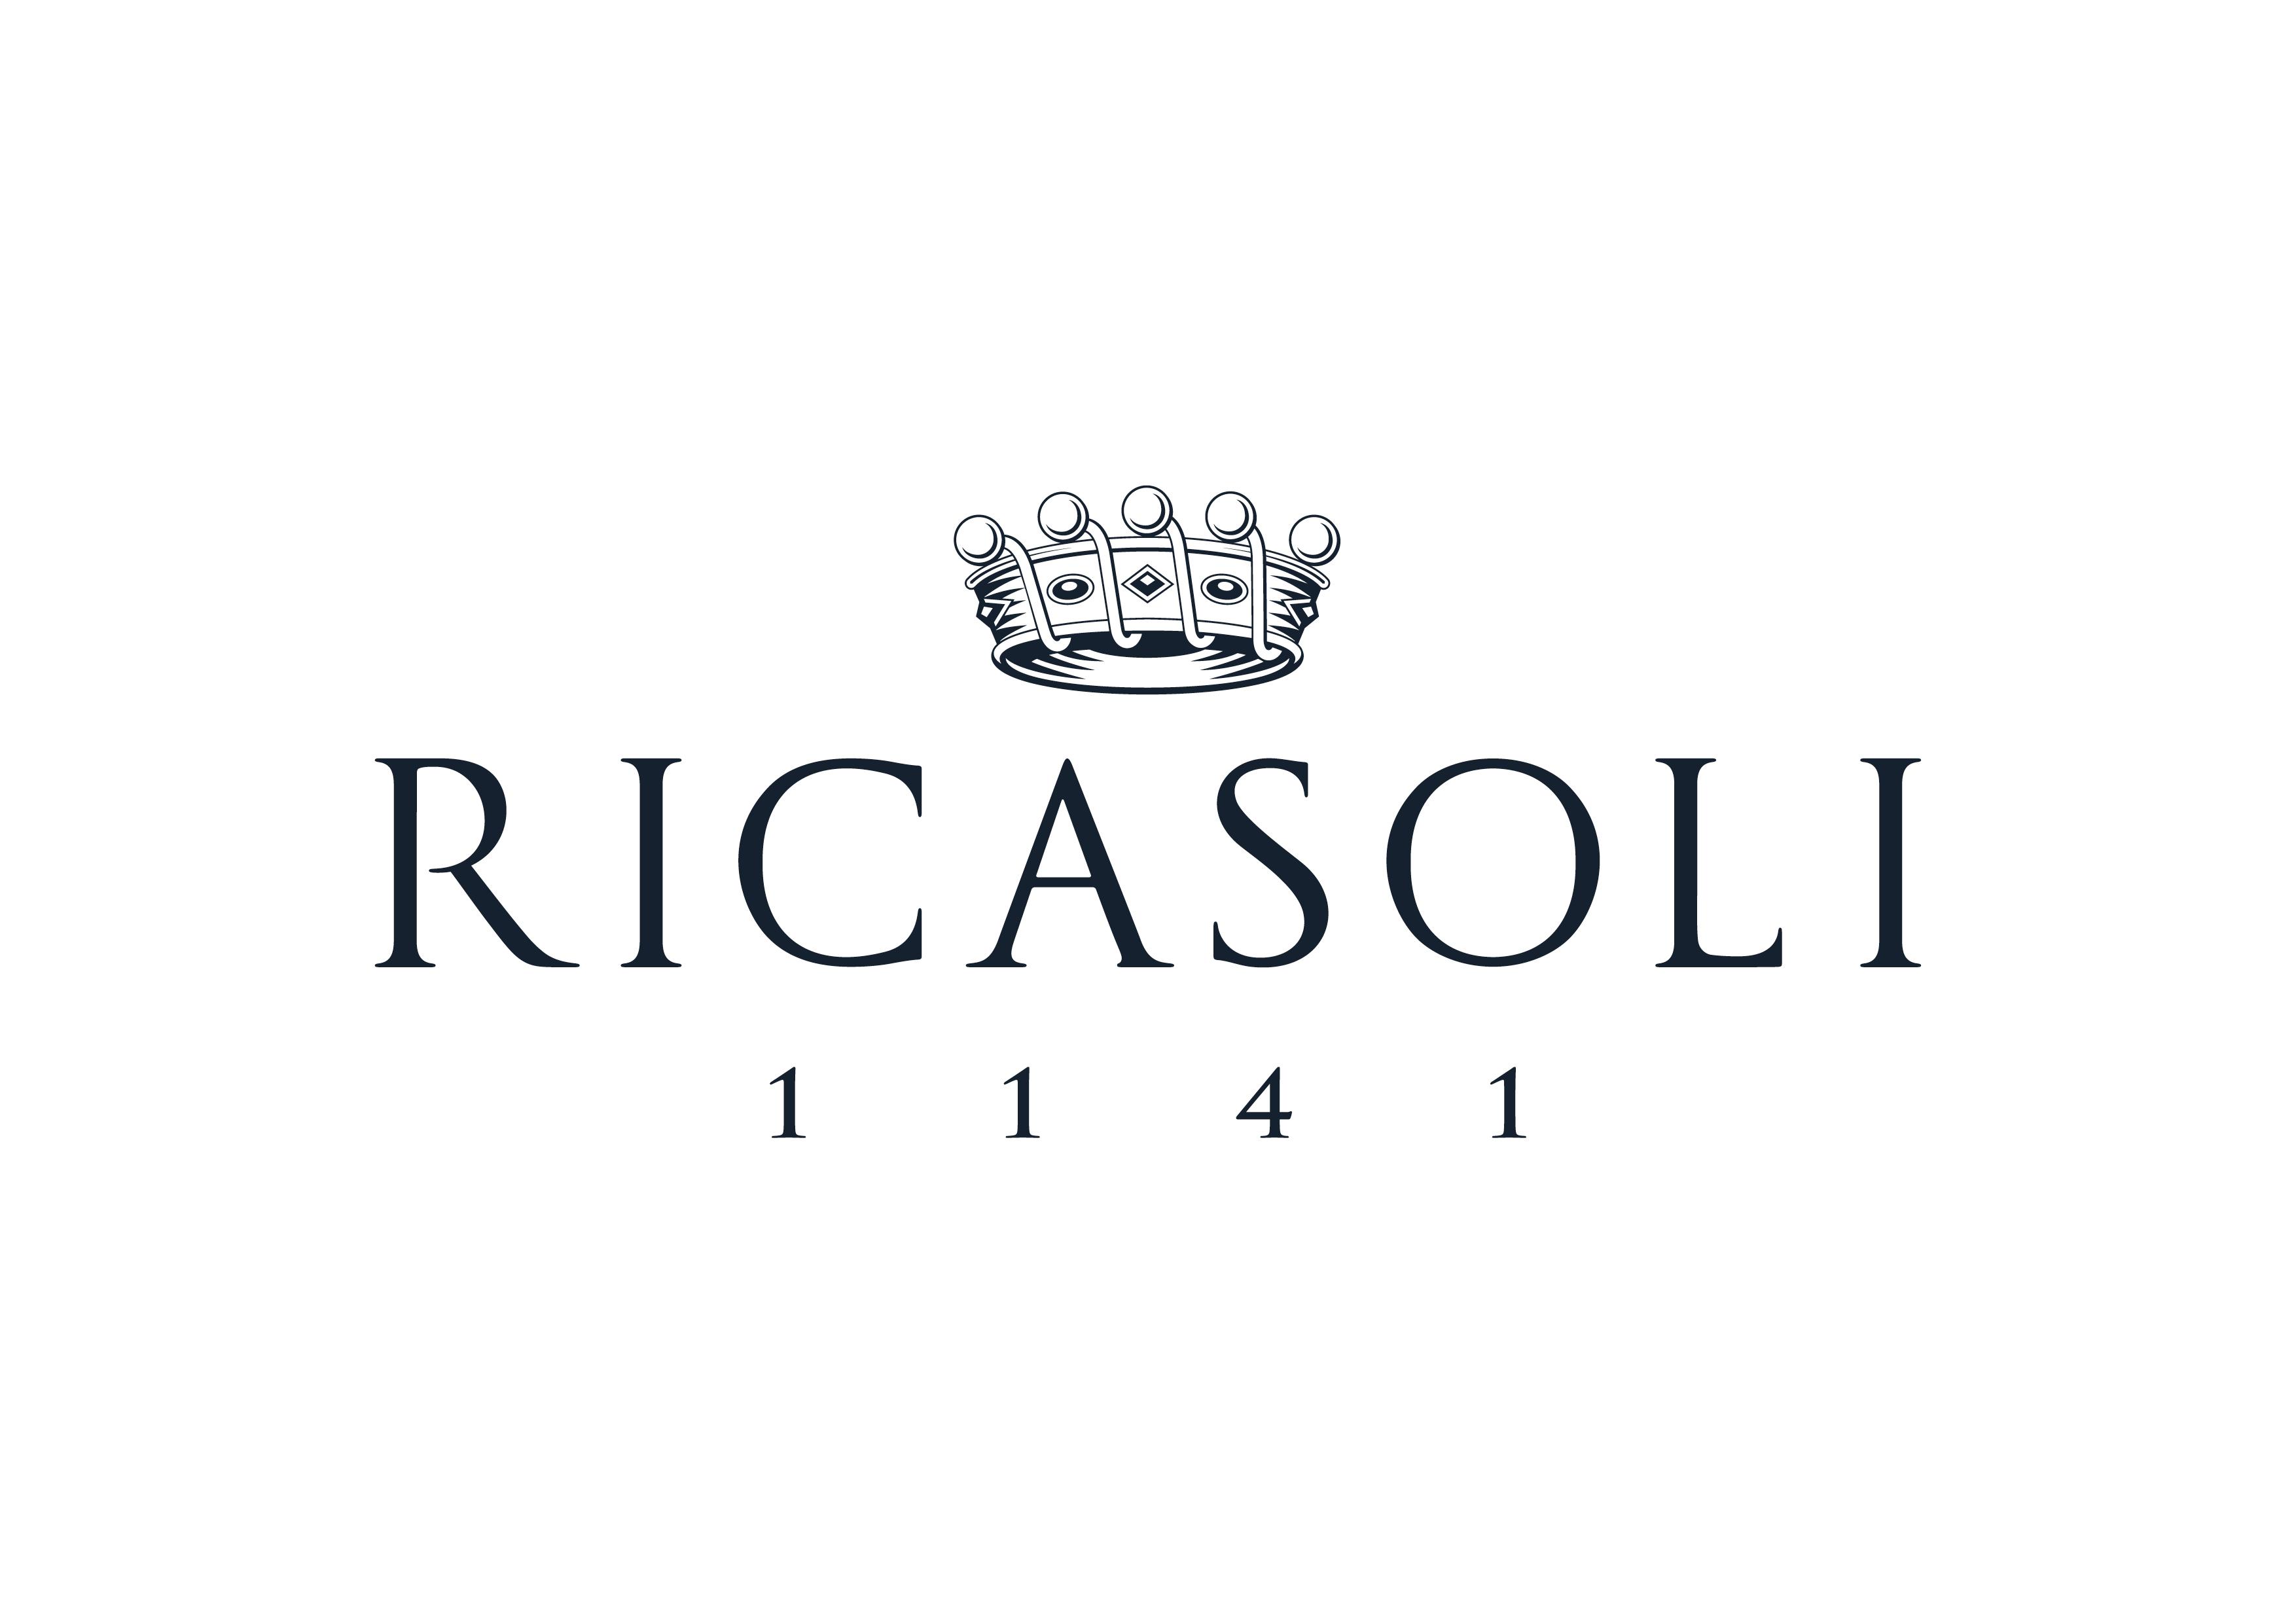 Ricasoli